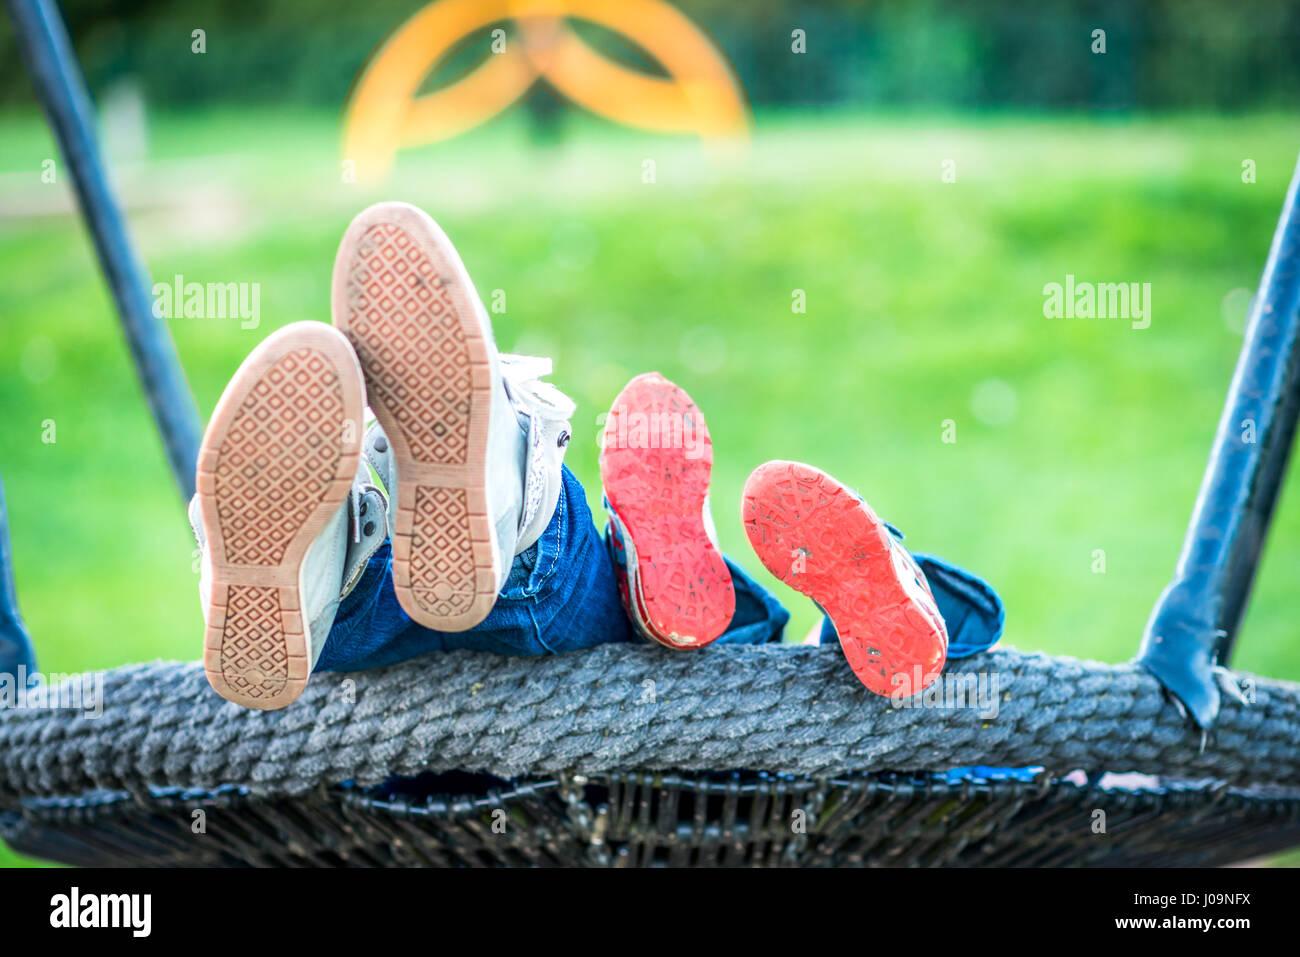 La vue jour Mère et enfant pieds sur des balançoires. Photo Stock